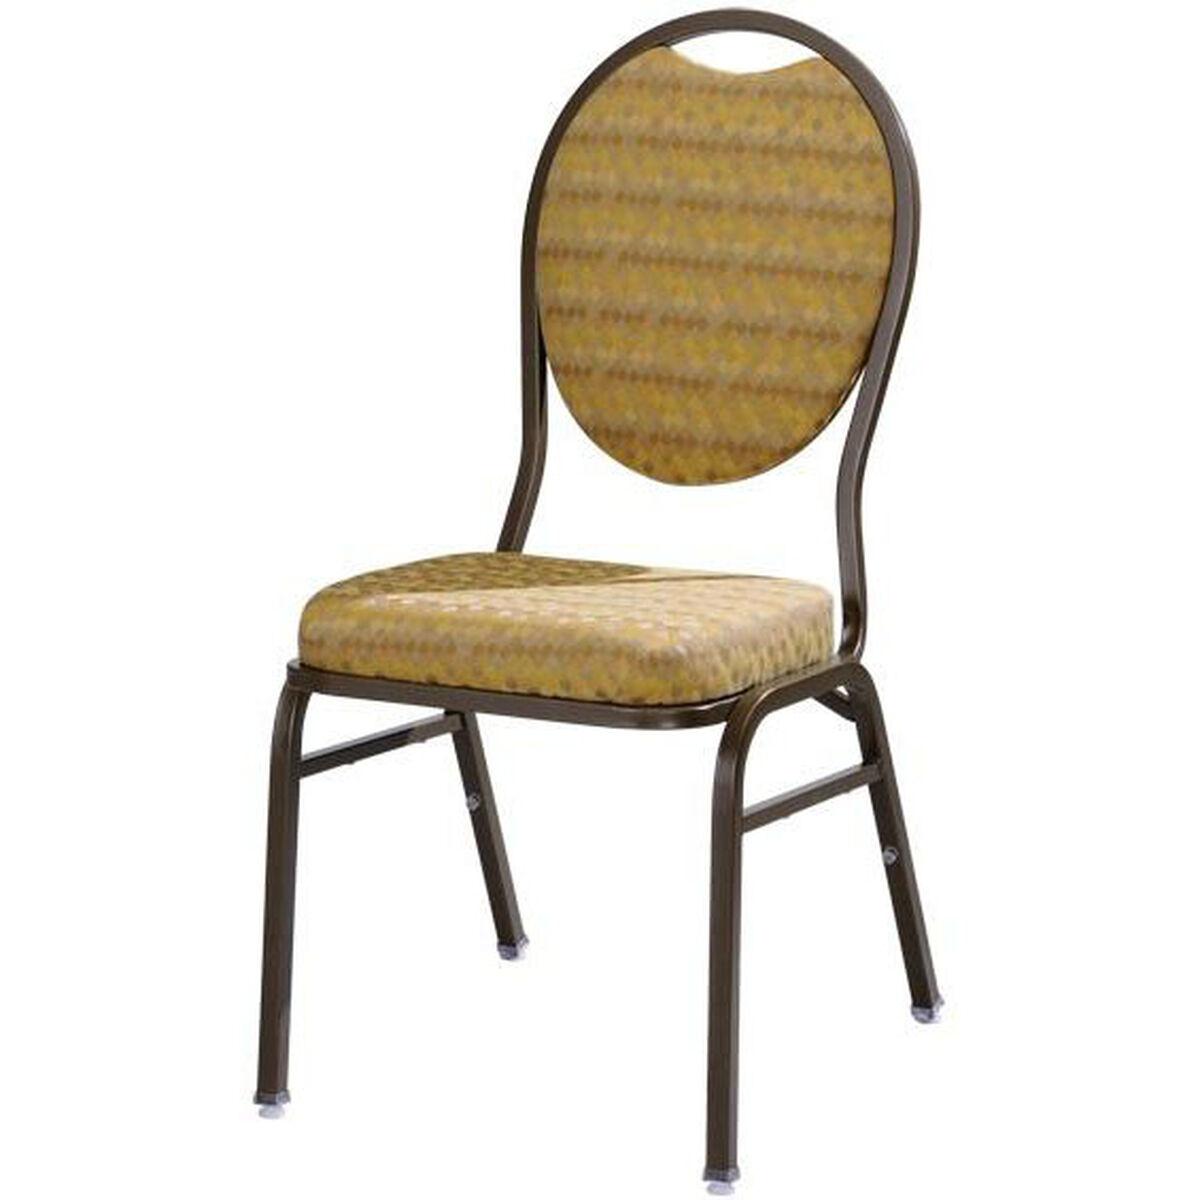 omega i banquet stack chair with teardrop back. Black Bedroom Furniture Sets. Home Design Ideas